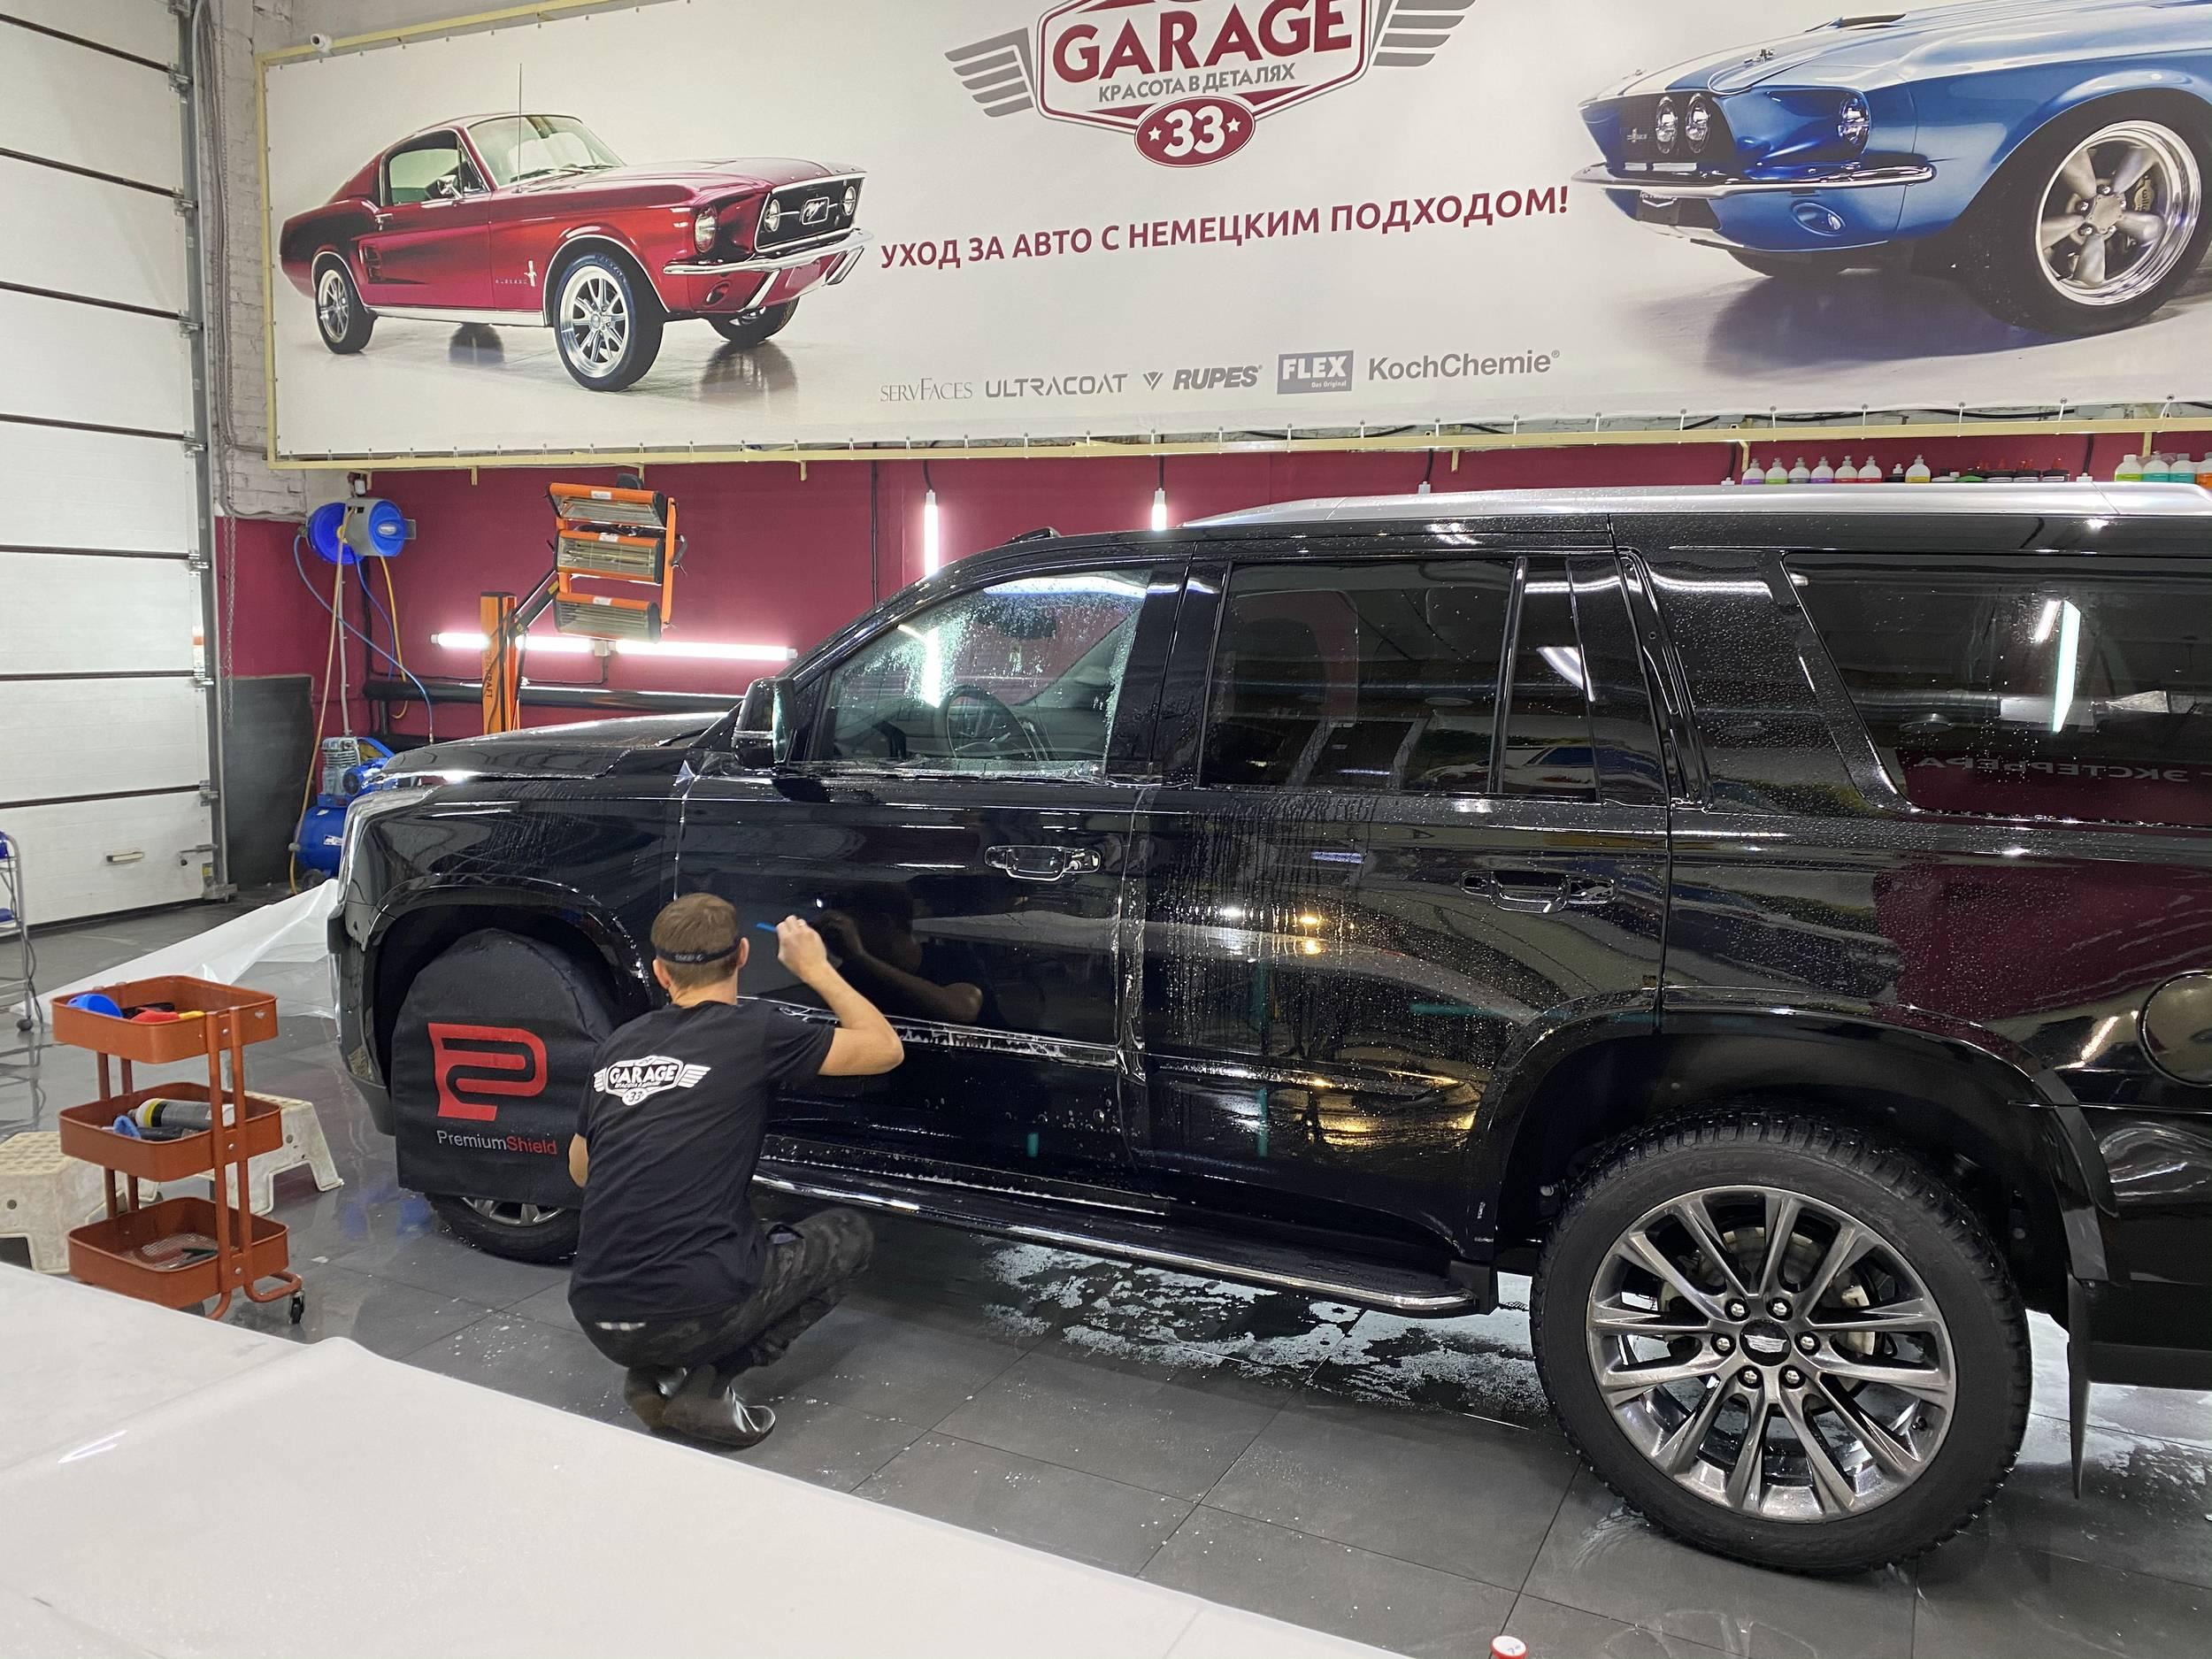 Смотреть на фото процесс оклейки водительской двери автомобиля Cadillac Escalade антигравийной пленкой.